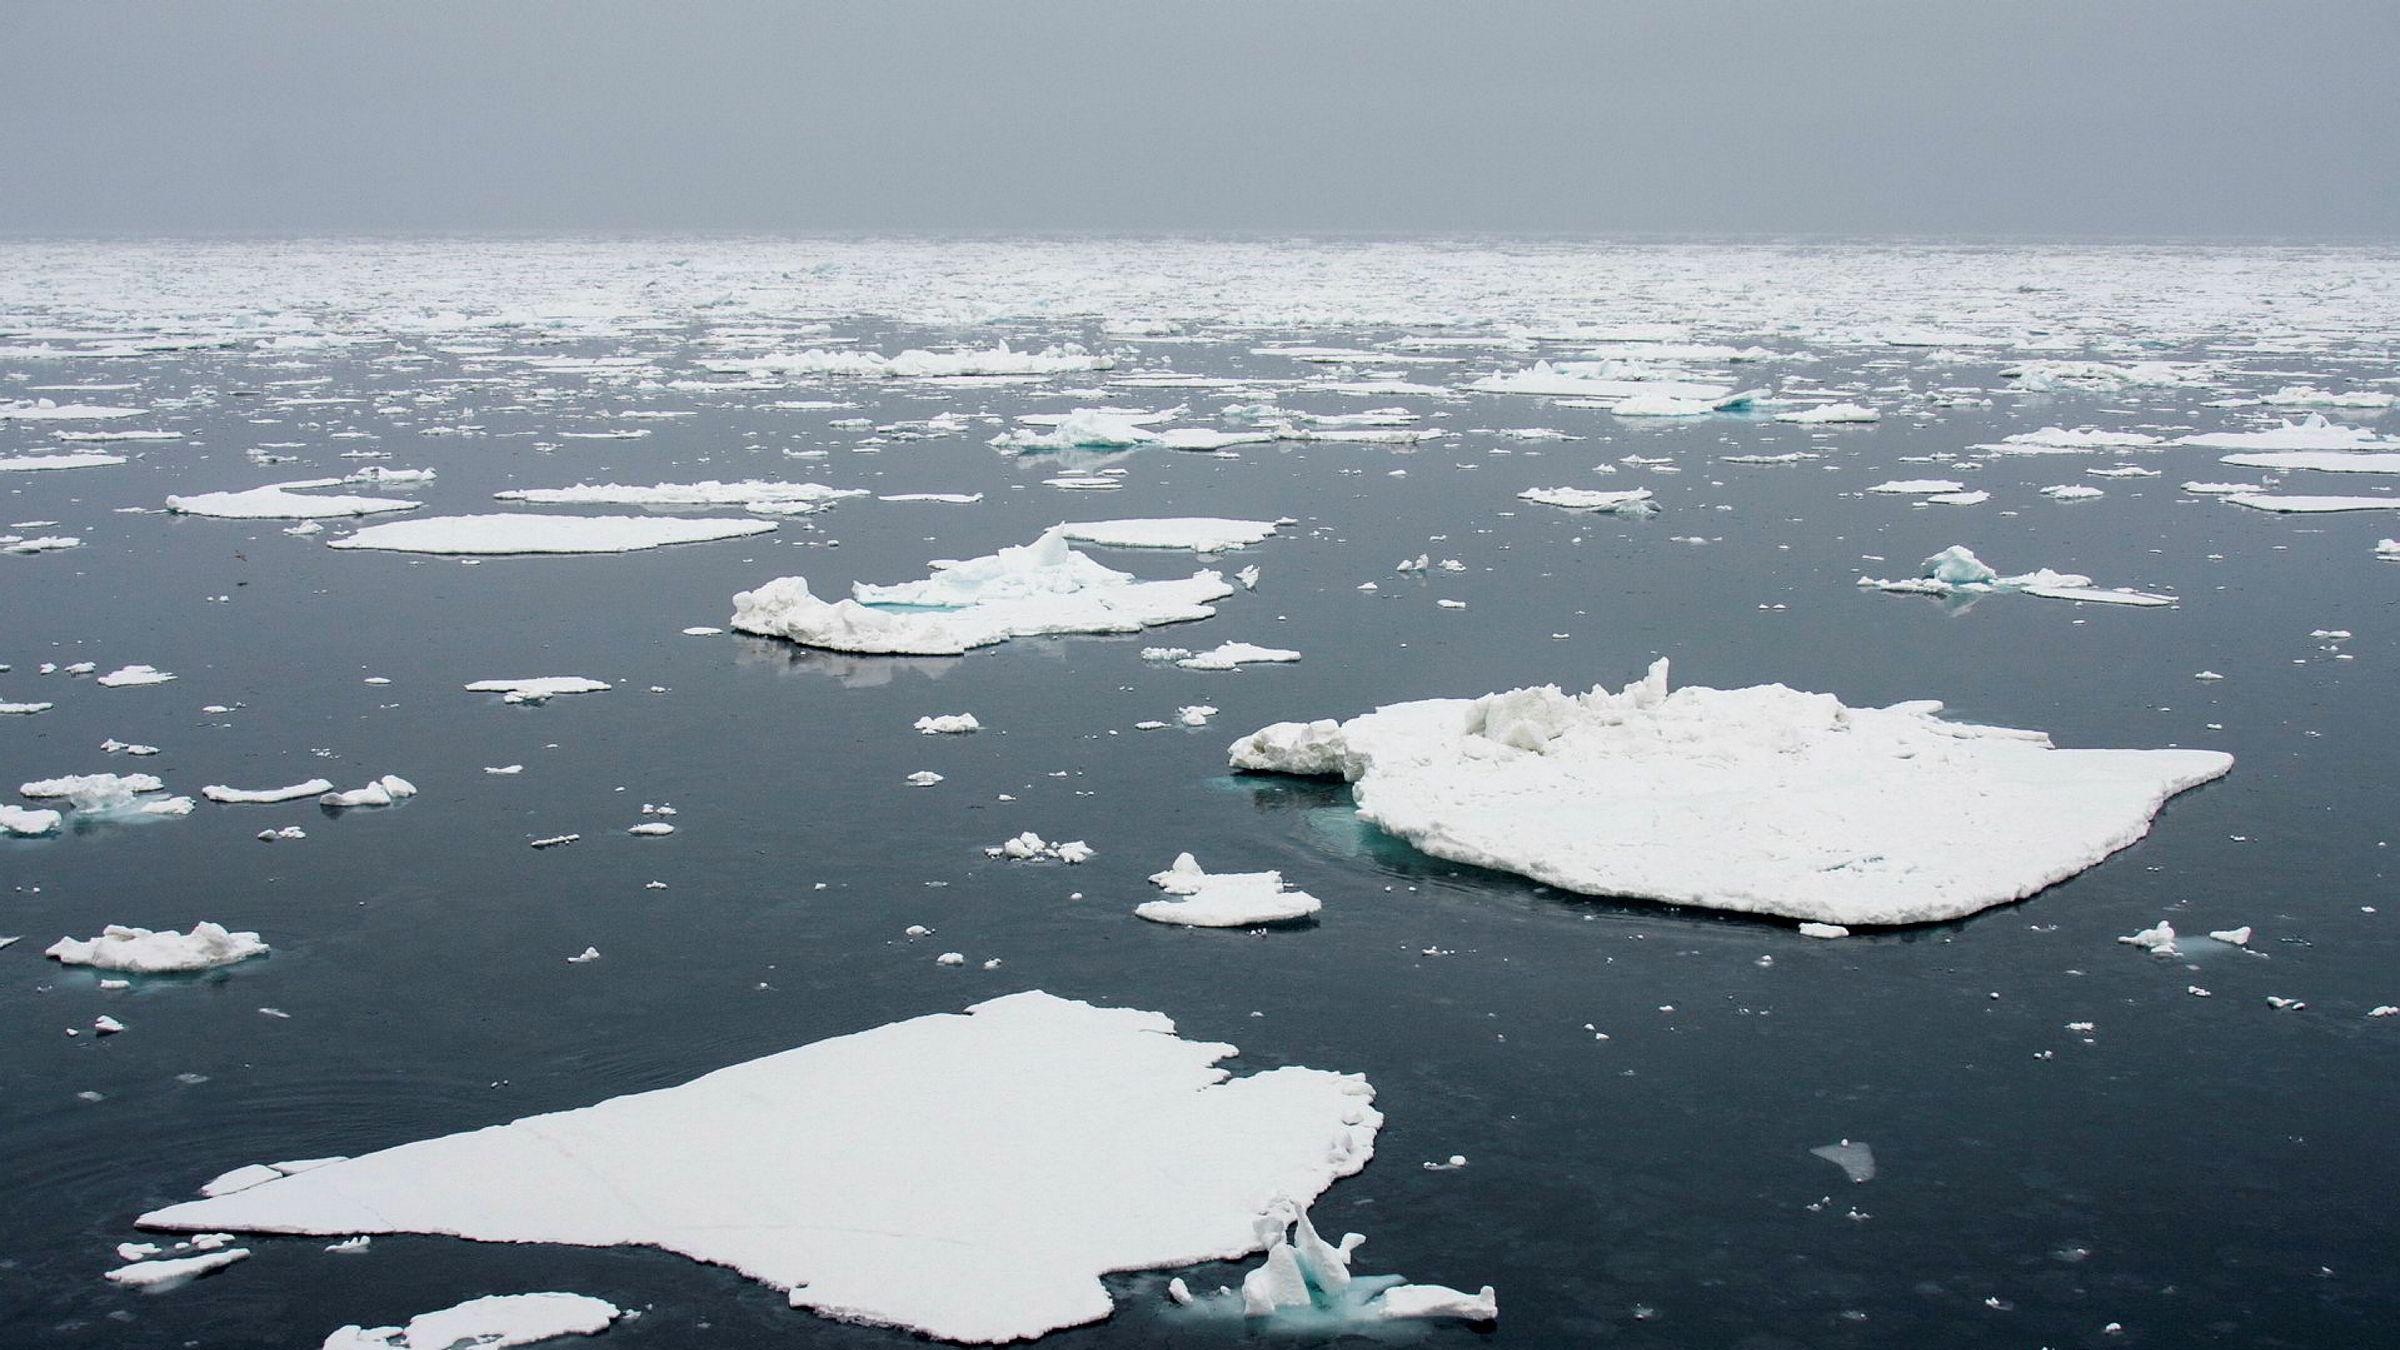 Etter det DN erfarer, har regjeringen landet et kompromiss som betyr at den omstridte iskanten flyttes sørover.